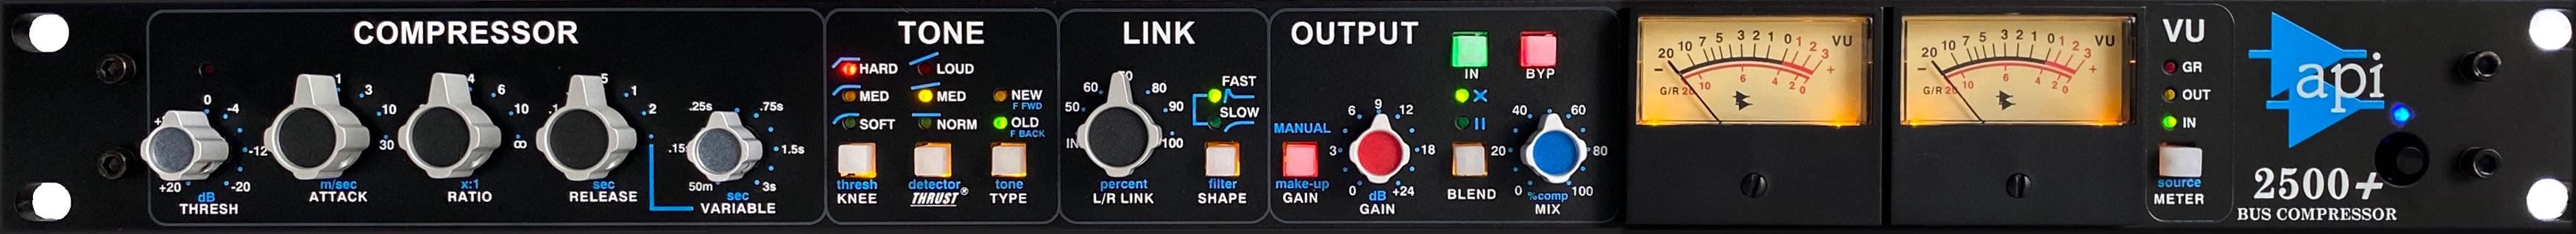 API 2500+ hardware rack comp analog studio rec mix funky junk audiofader